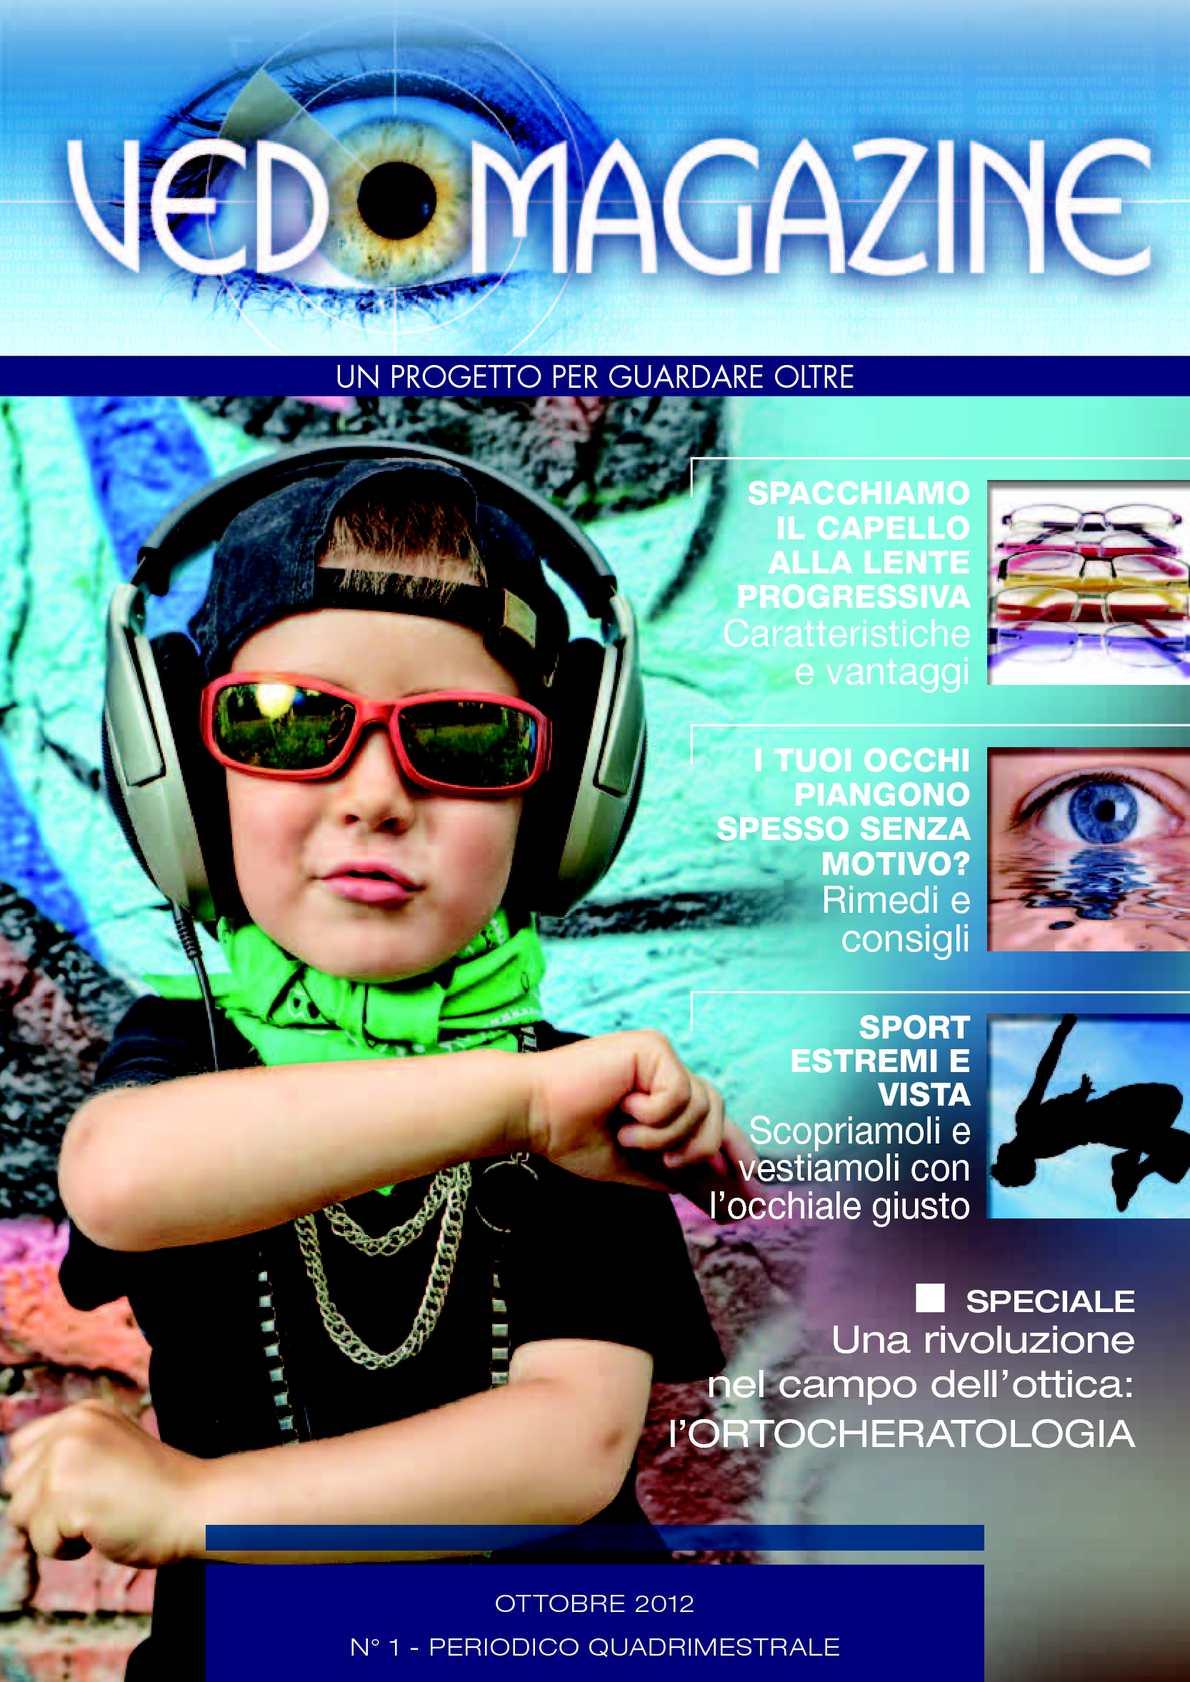 63e436c8a2974 Calaméo - VEDO MAGAZINE 2012, un progetto per guardare oltre!